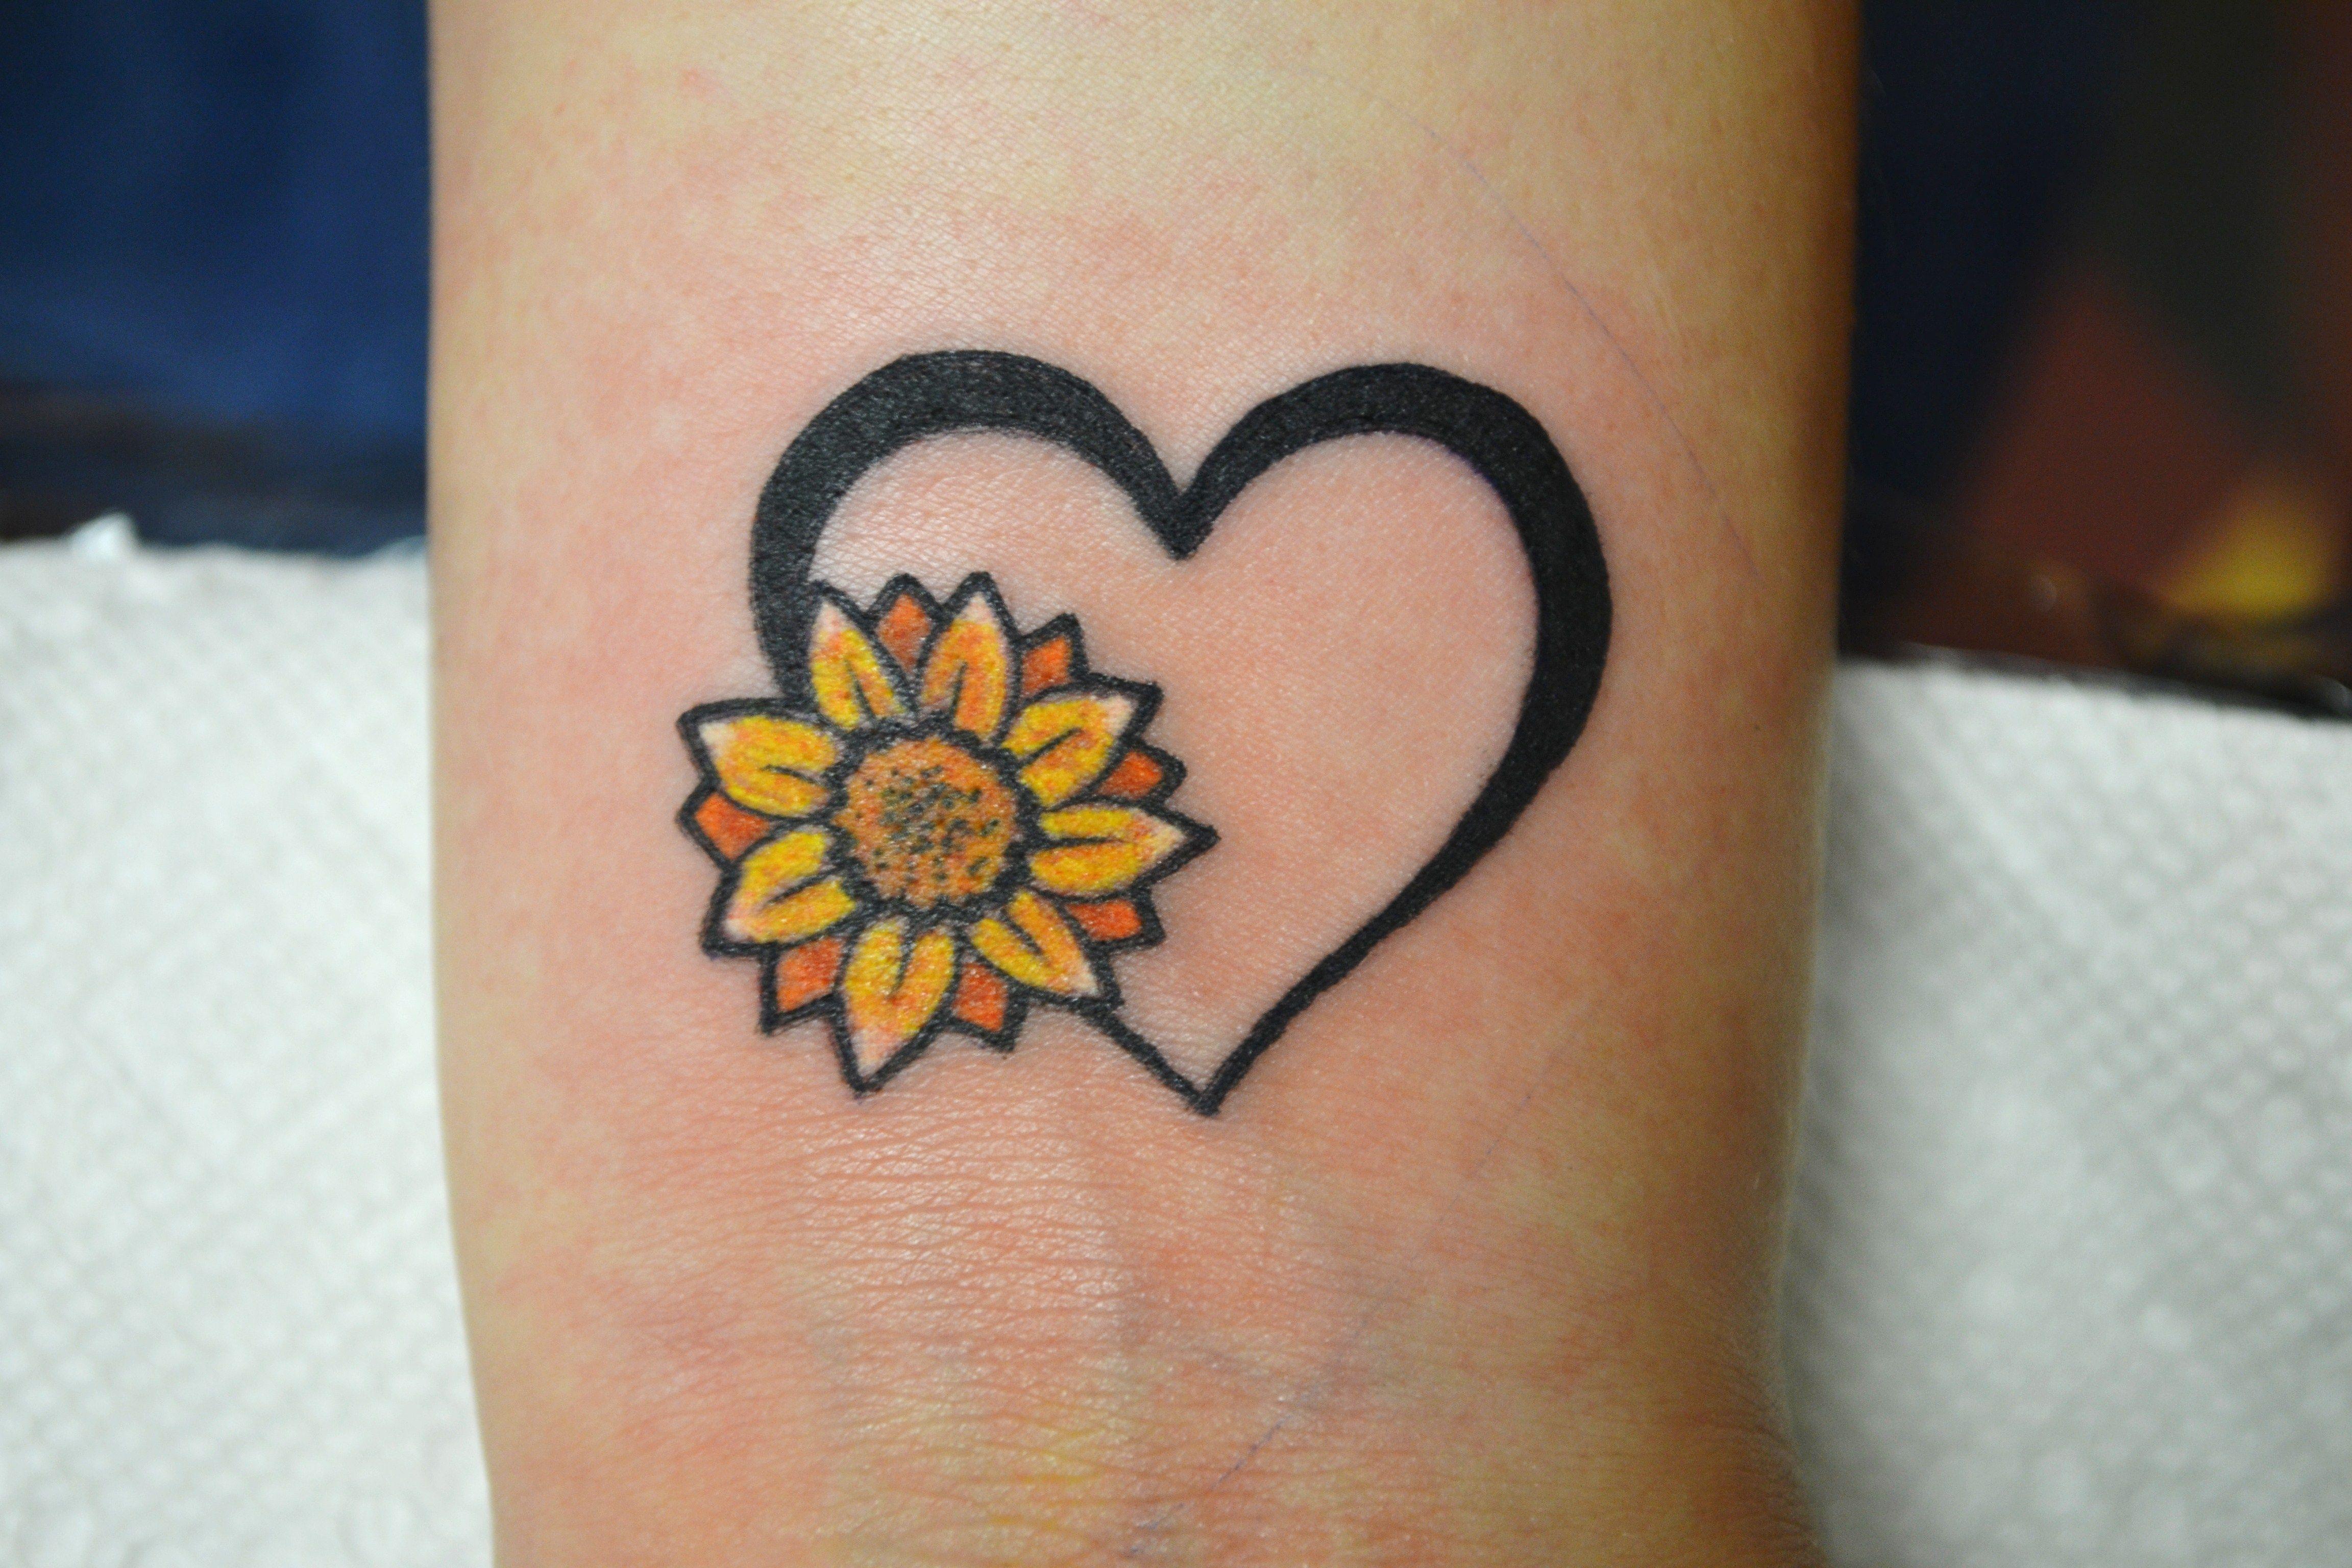 tiny tattoo sunflower heart wrist tattoo artist Adrienne